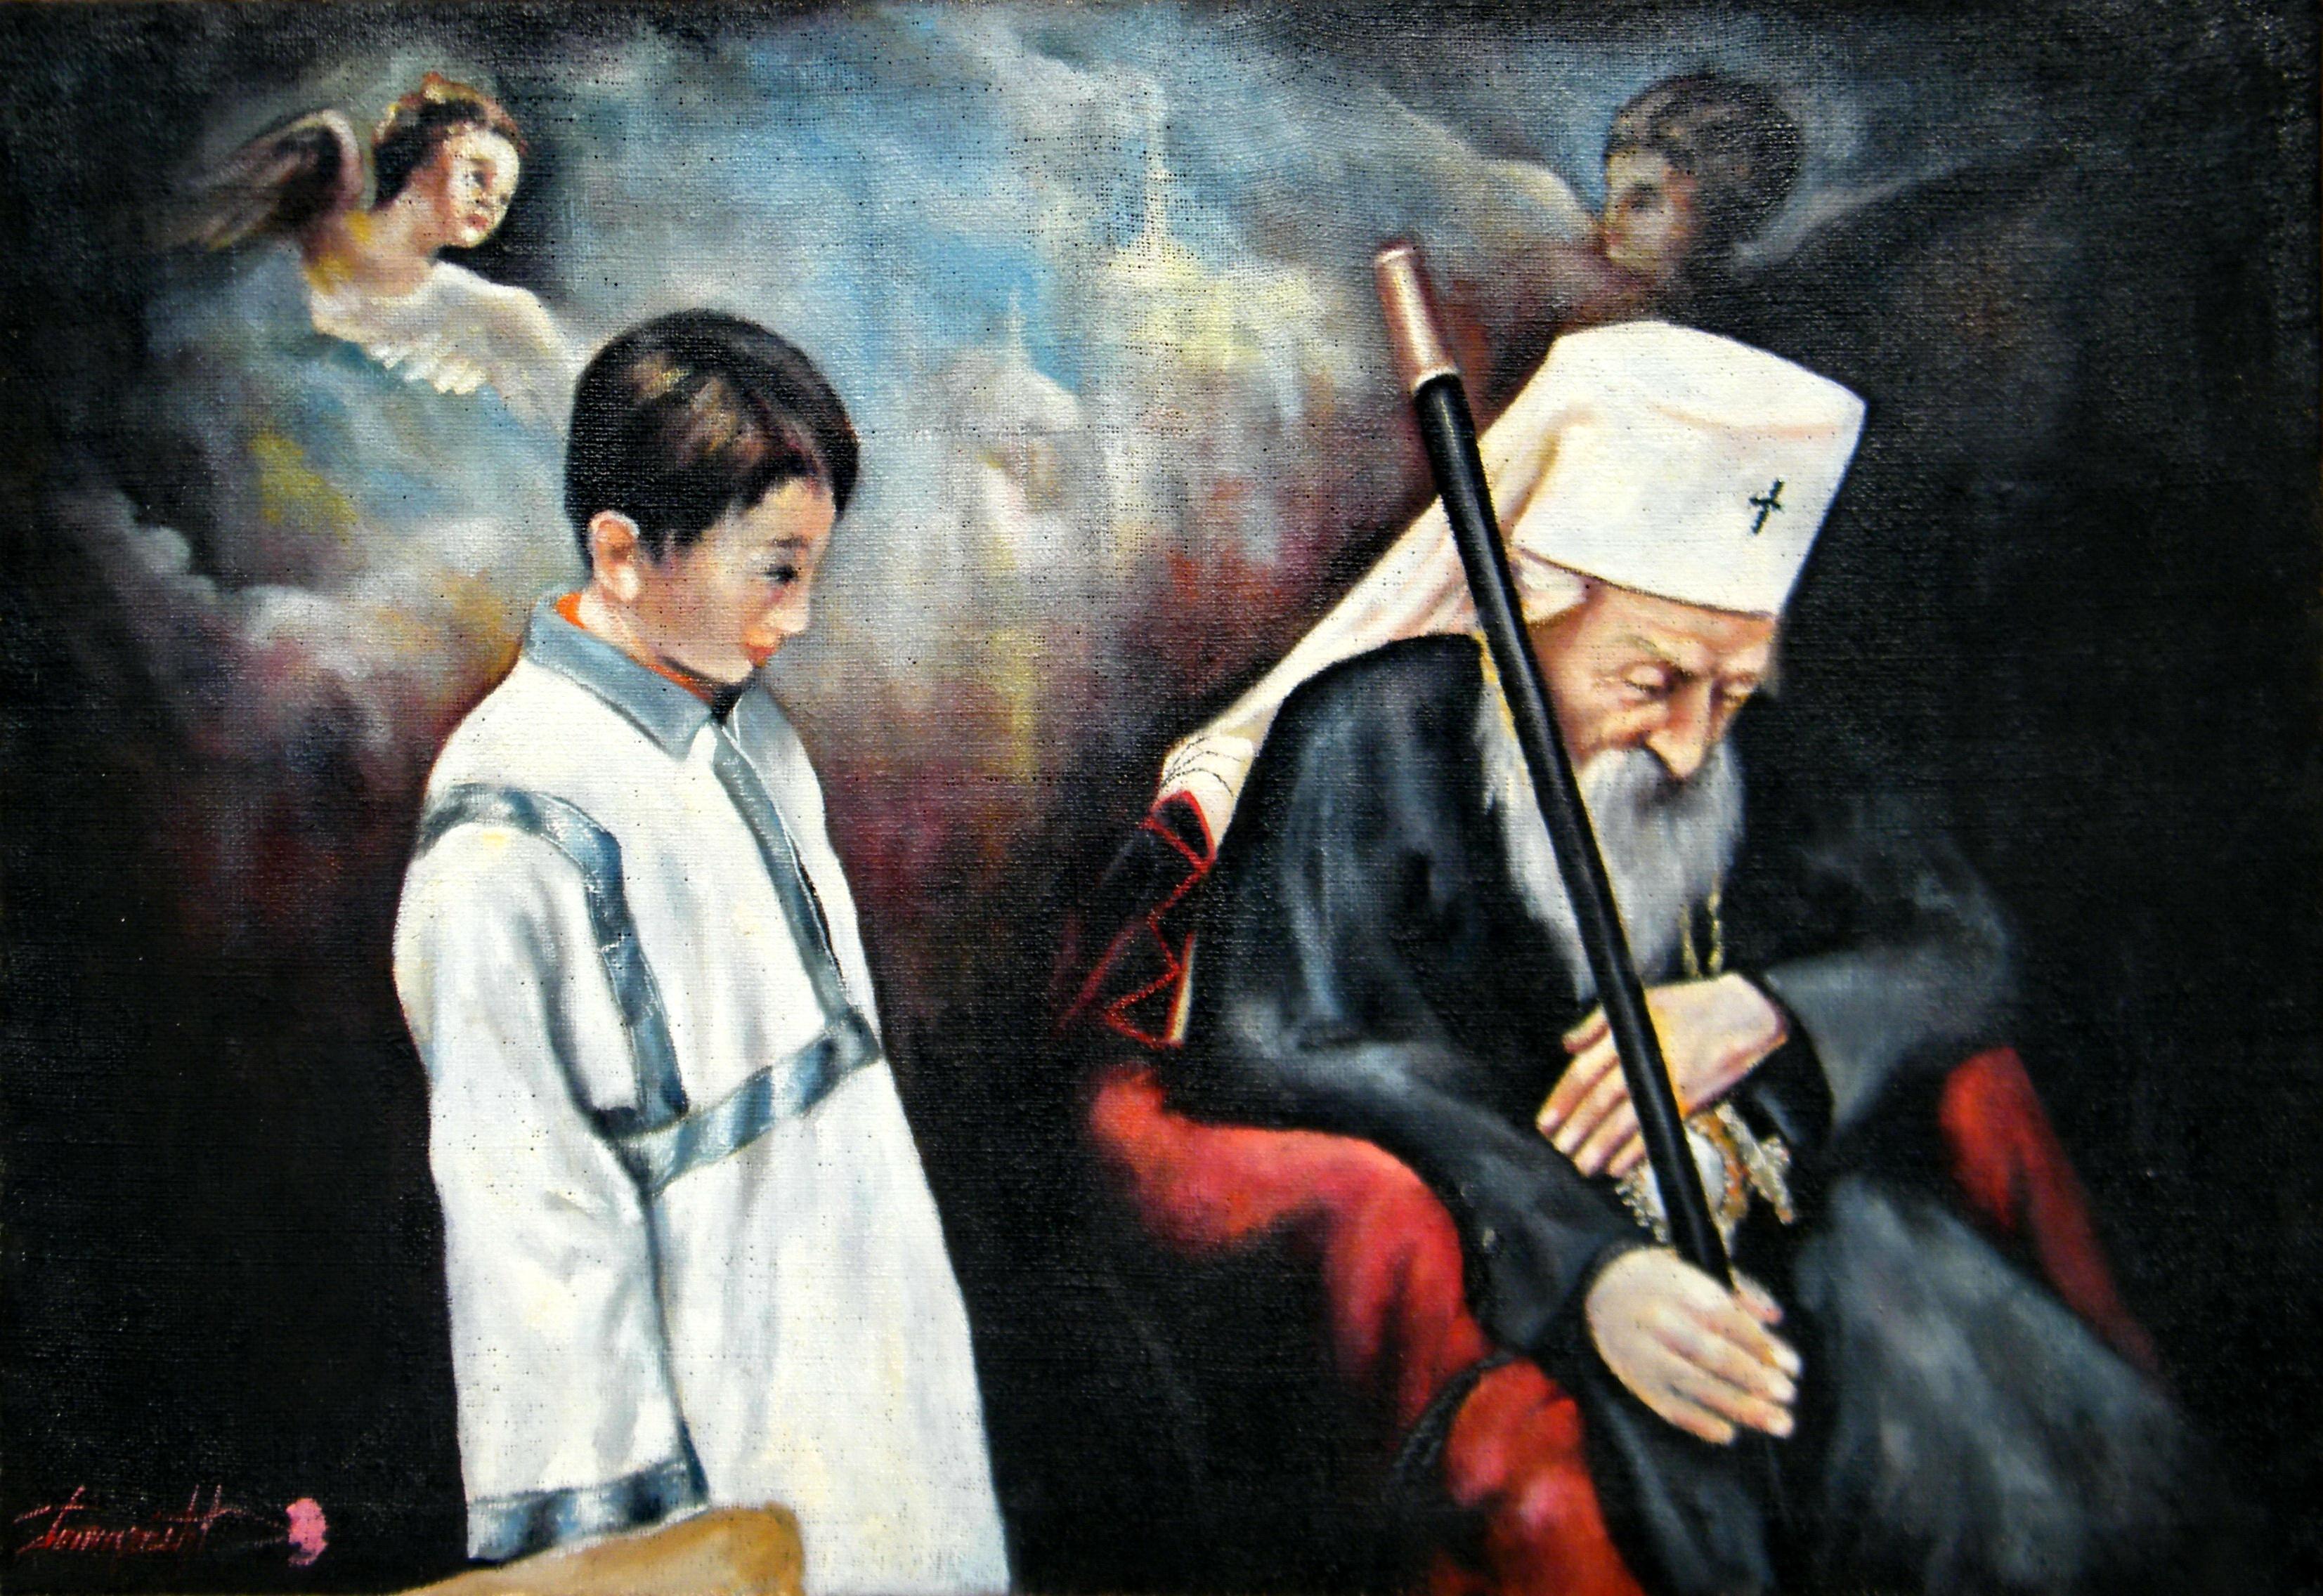 Poslednja molitva Patrijarha Pavla, 90x130, ulje na platnu, Goran Gatarić